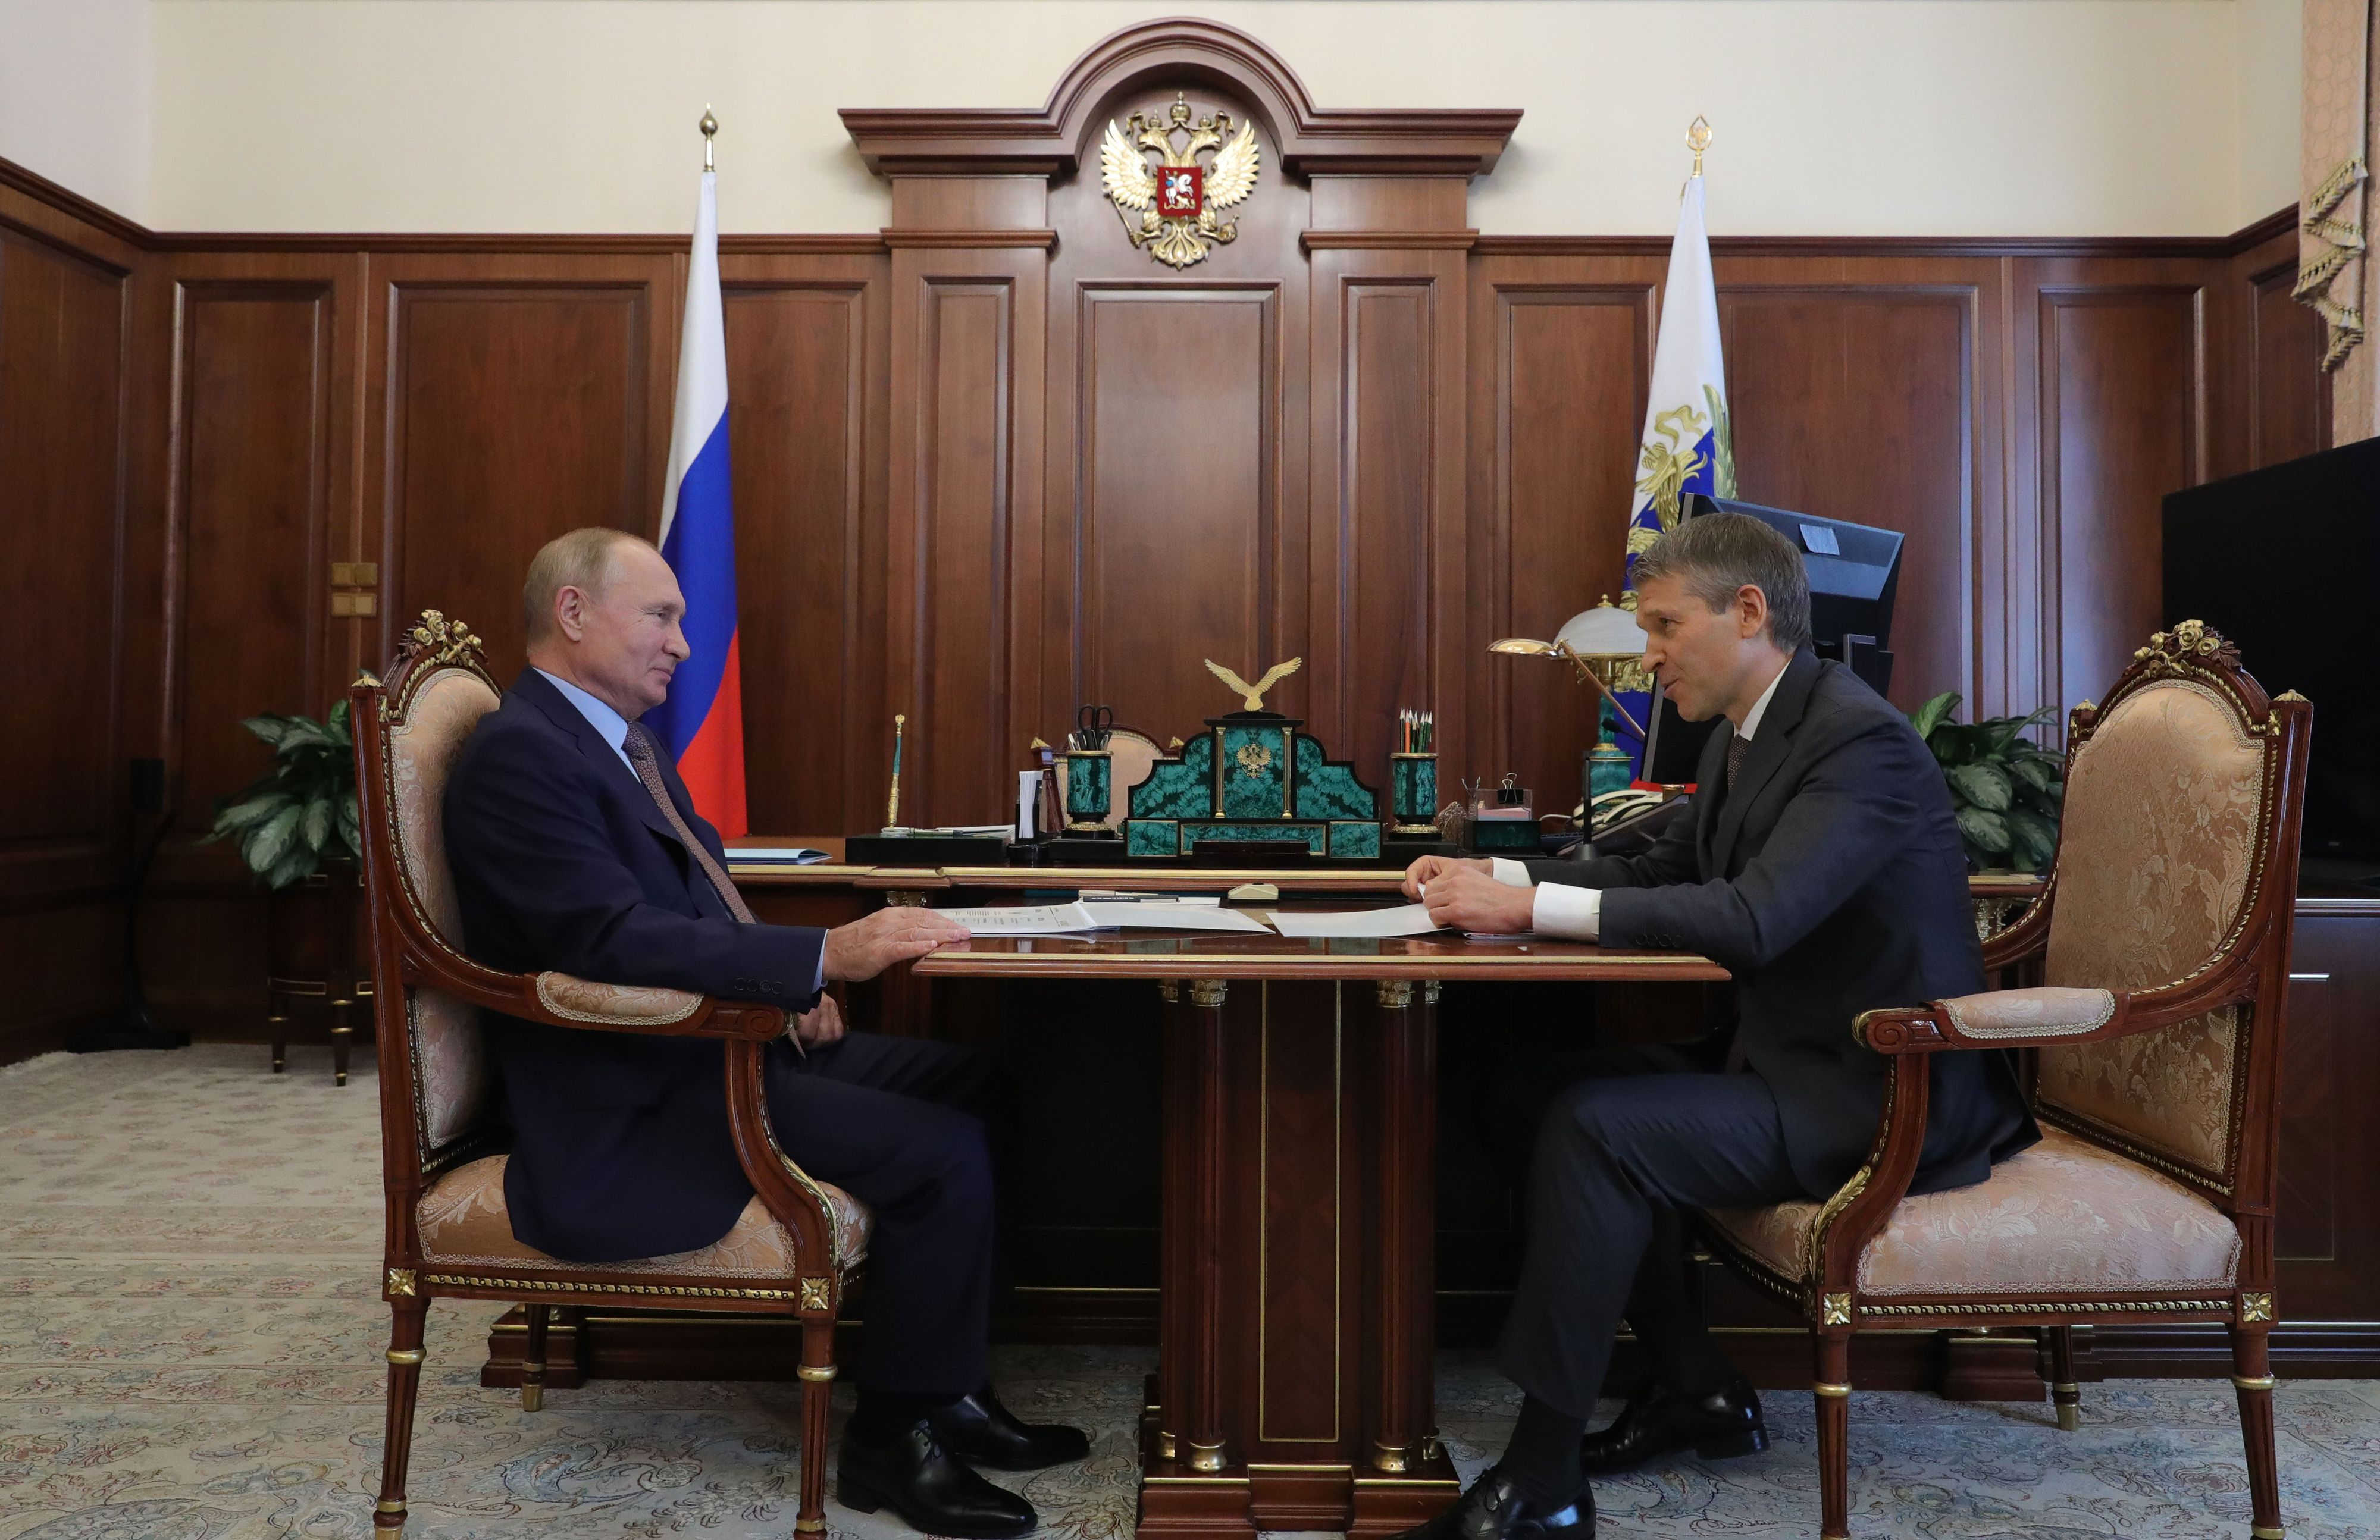 На фото: Борис Павлович Листов на встрече с президентом России Владимиром Владимировичем Путиным